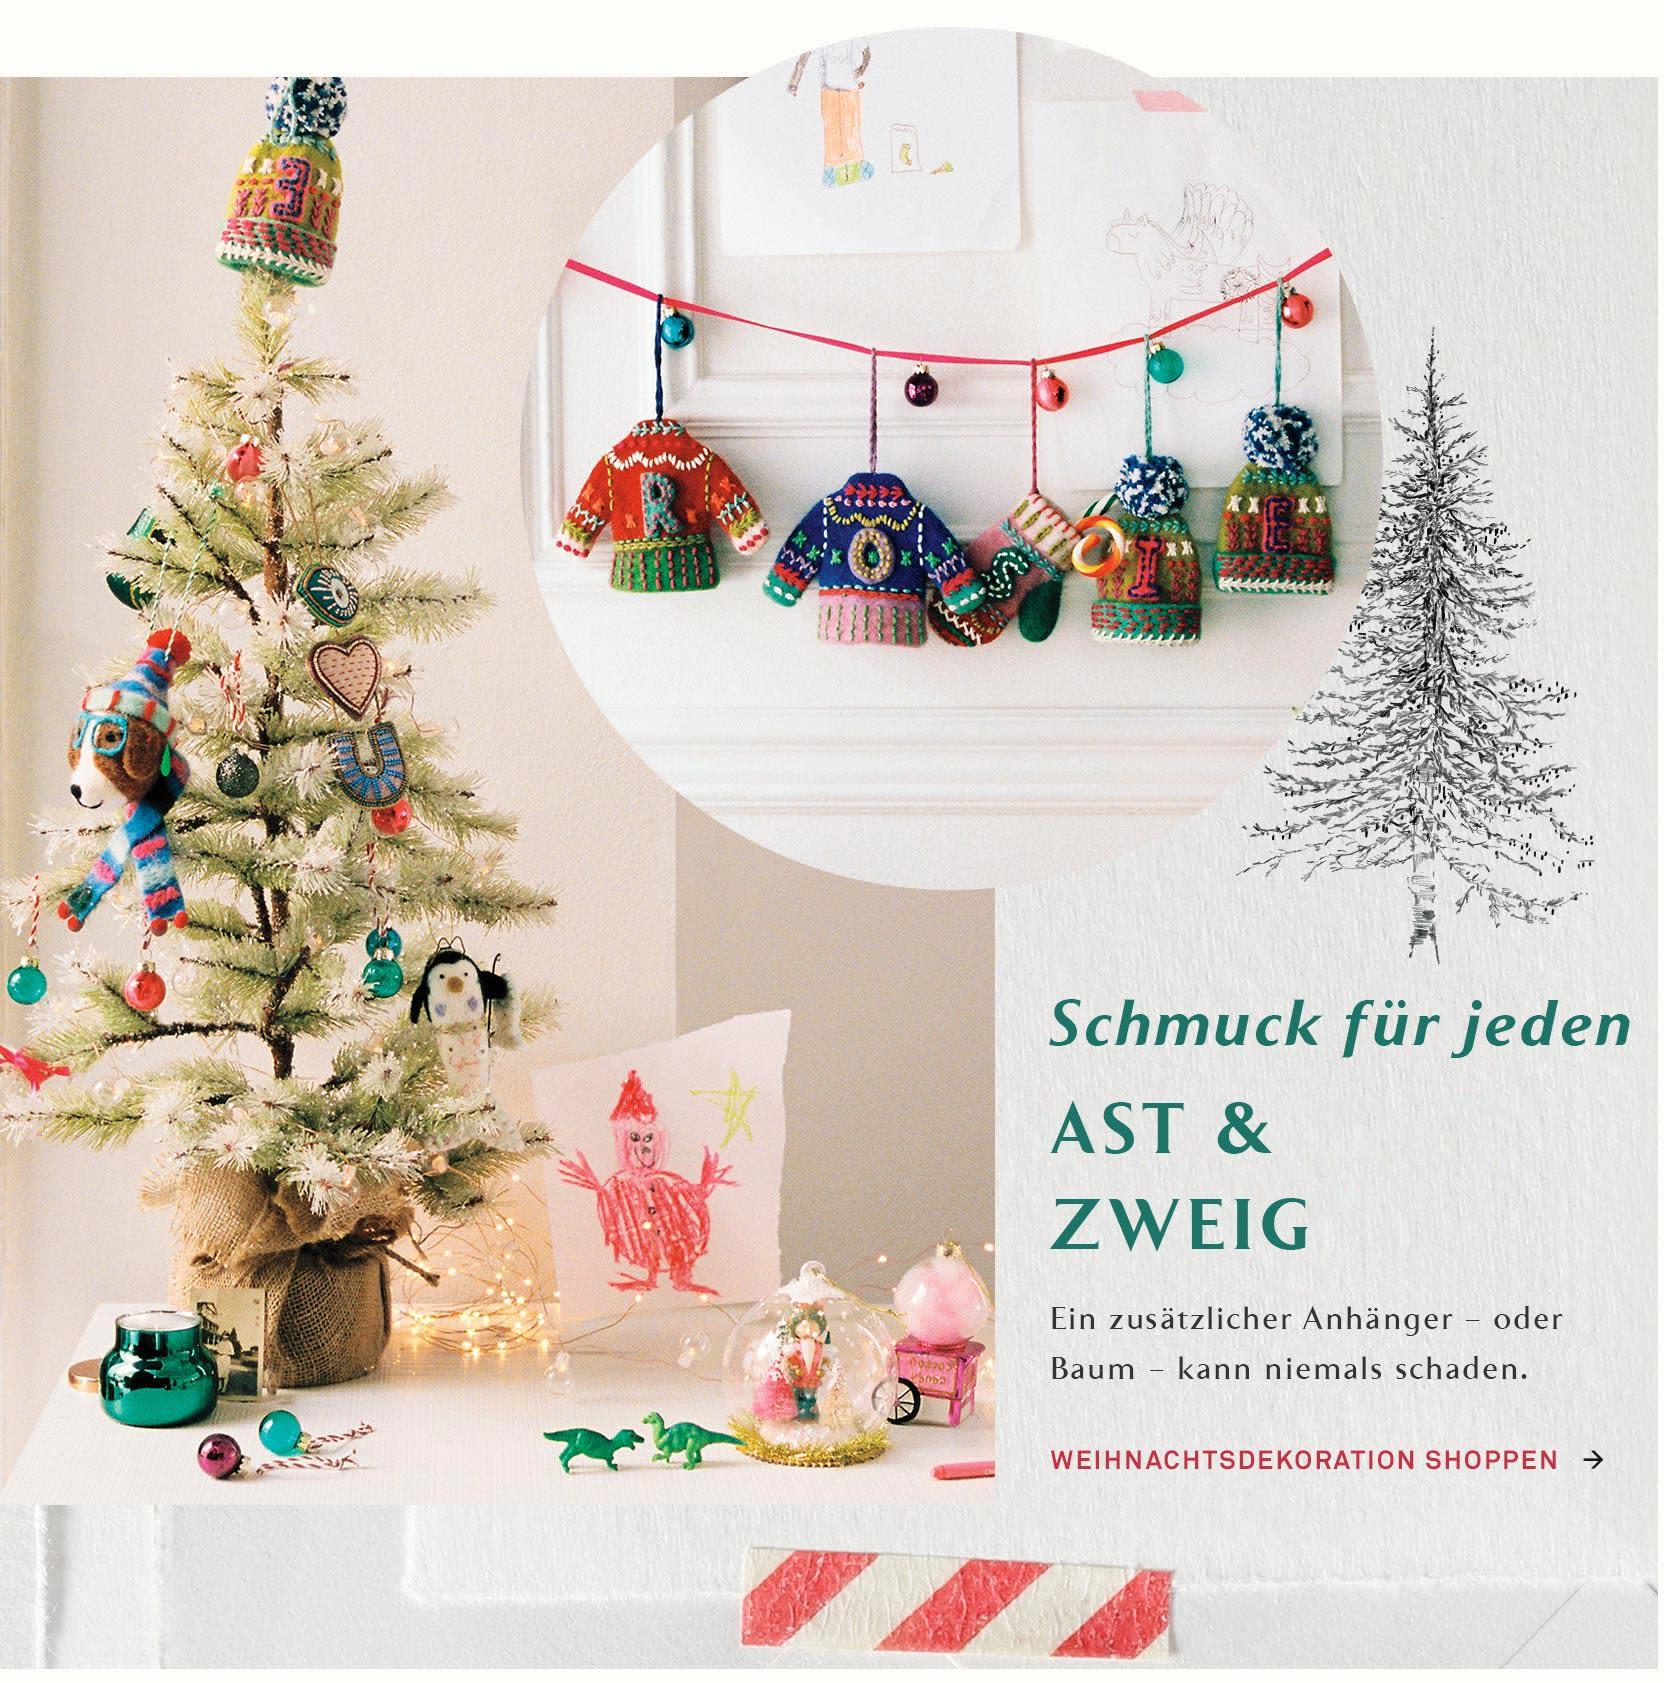 Berühmt Anthropologie Weihnachten Ideen - Weihnachtsbilder ...